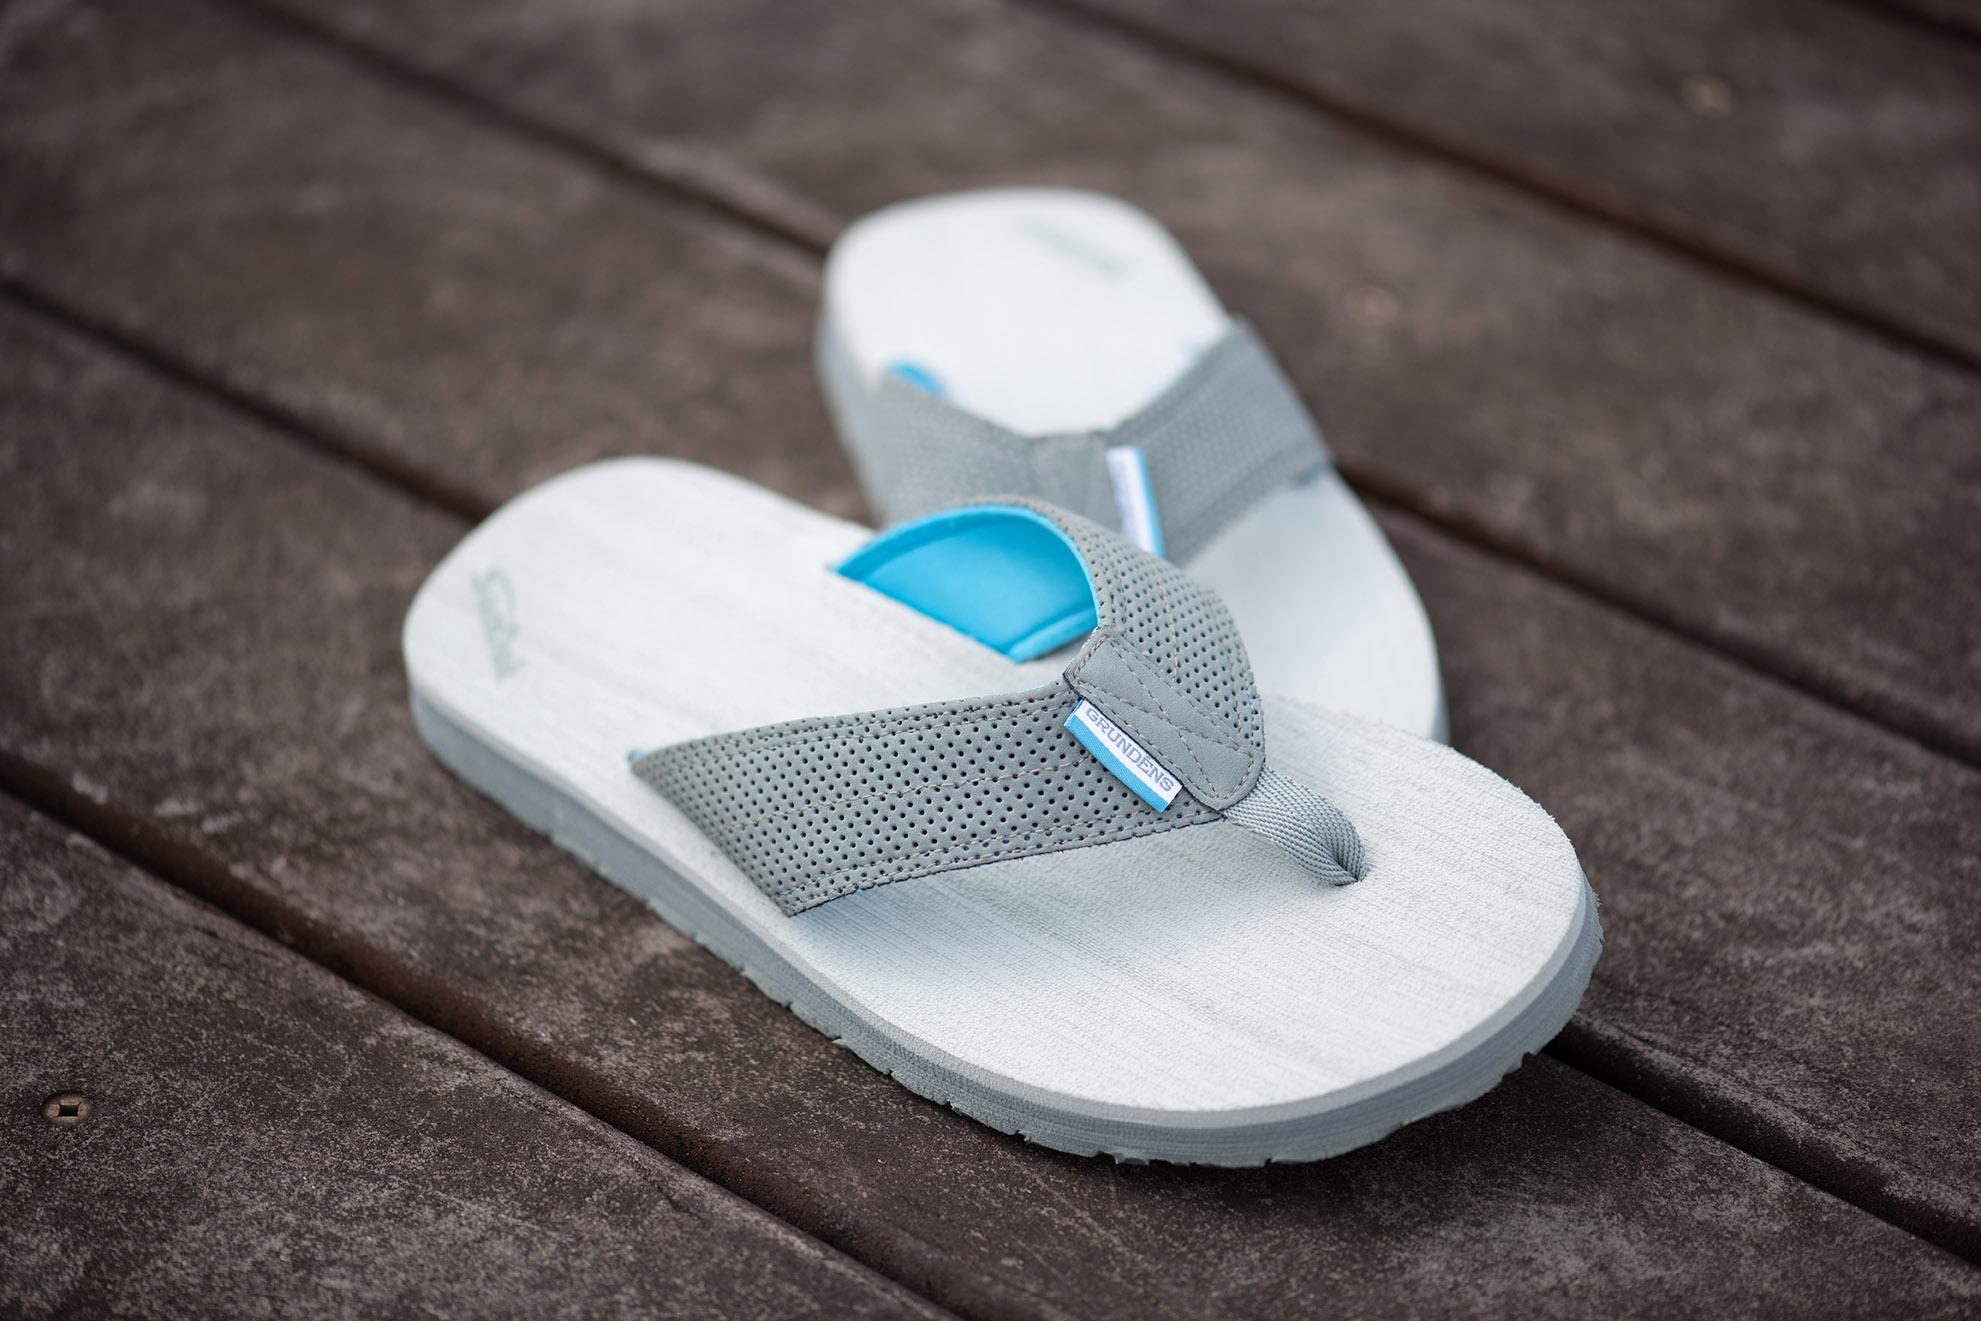 grundens sandals